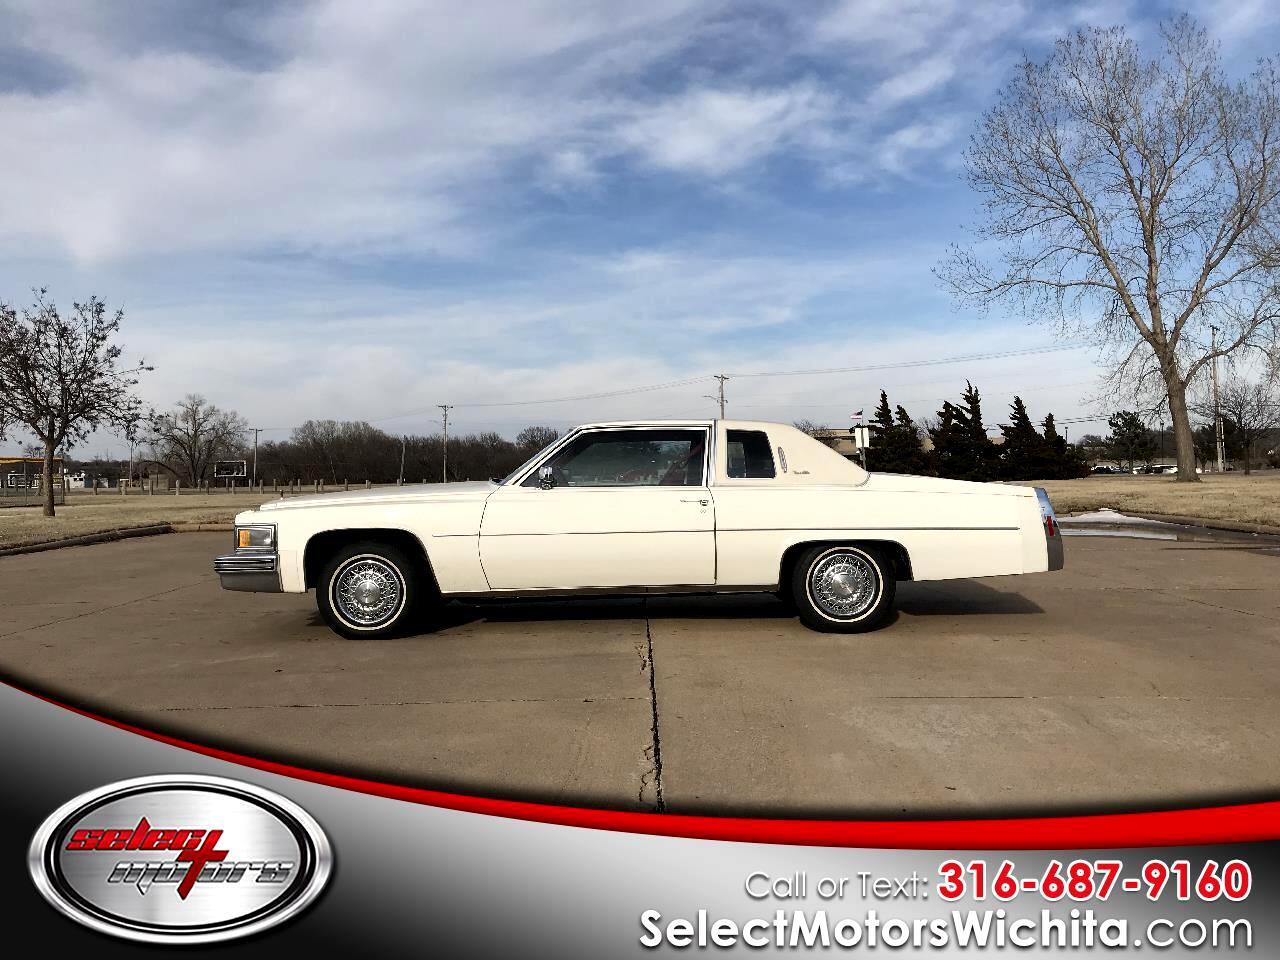 1979 Cadillac Coupe De Ville